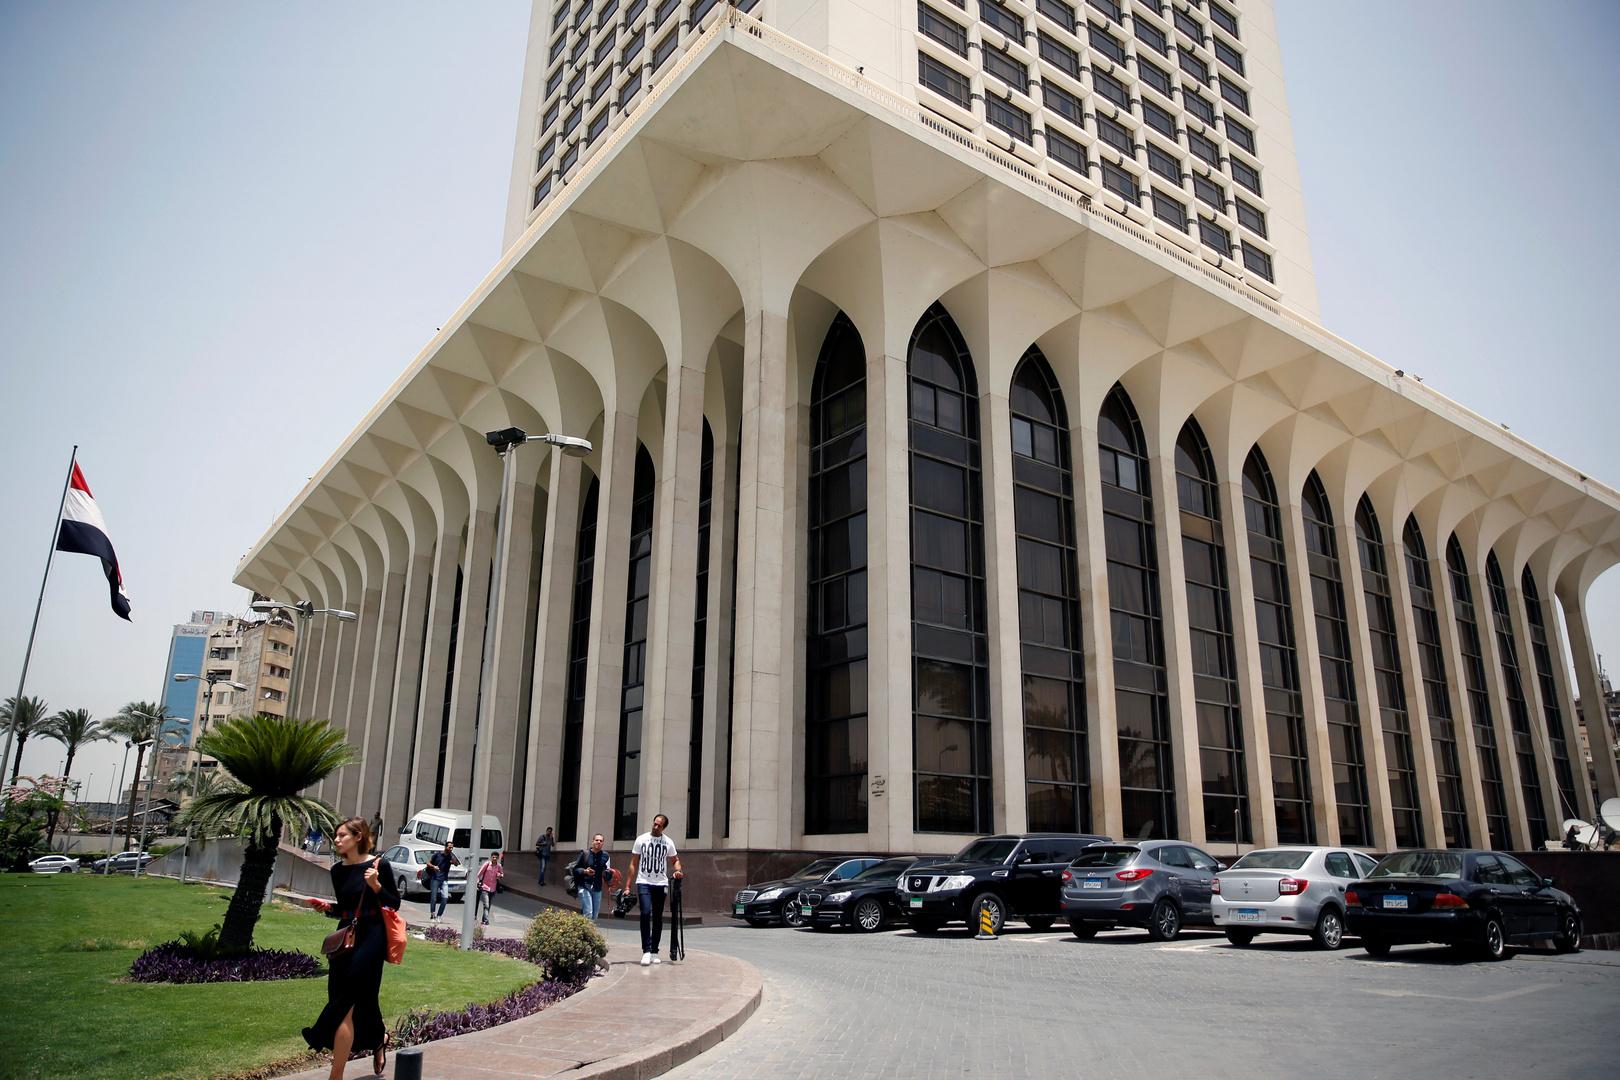 وزيرا خارجية مصر والجزائر يبحثان الاستقرار الإقليمي والأمن القومي العربي